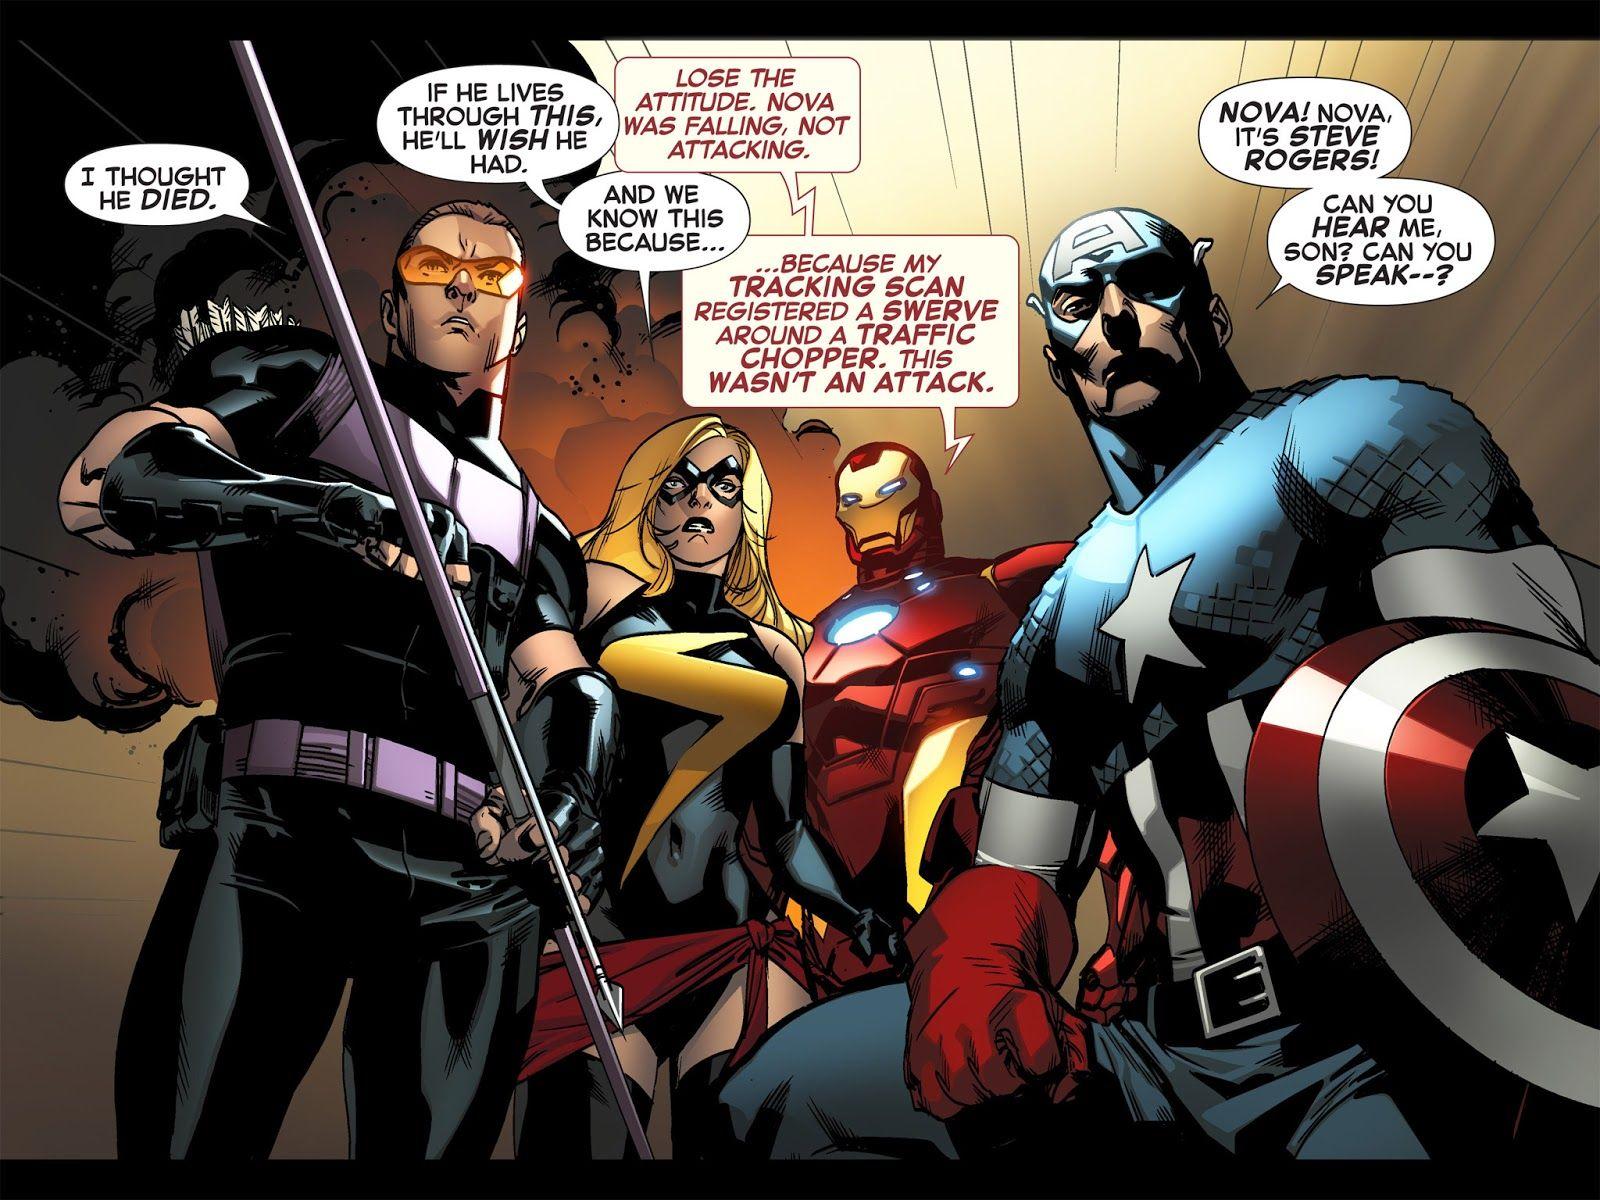 Avengers Vs X Men Infinite Issue 1 Read Avengers Vs X Men Infinite Issue 1 Comic Online In High Quality Avengers Marvel Avengers Comics